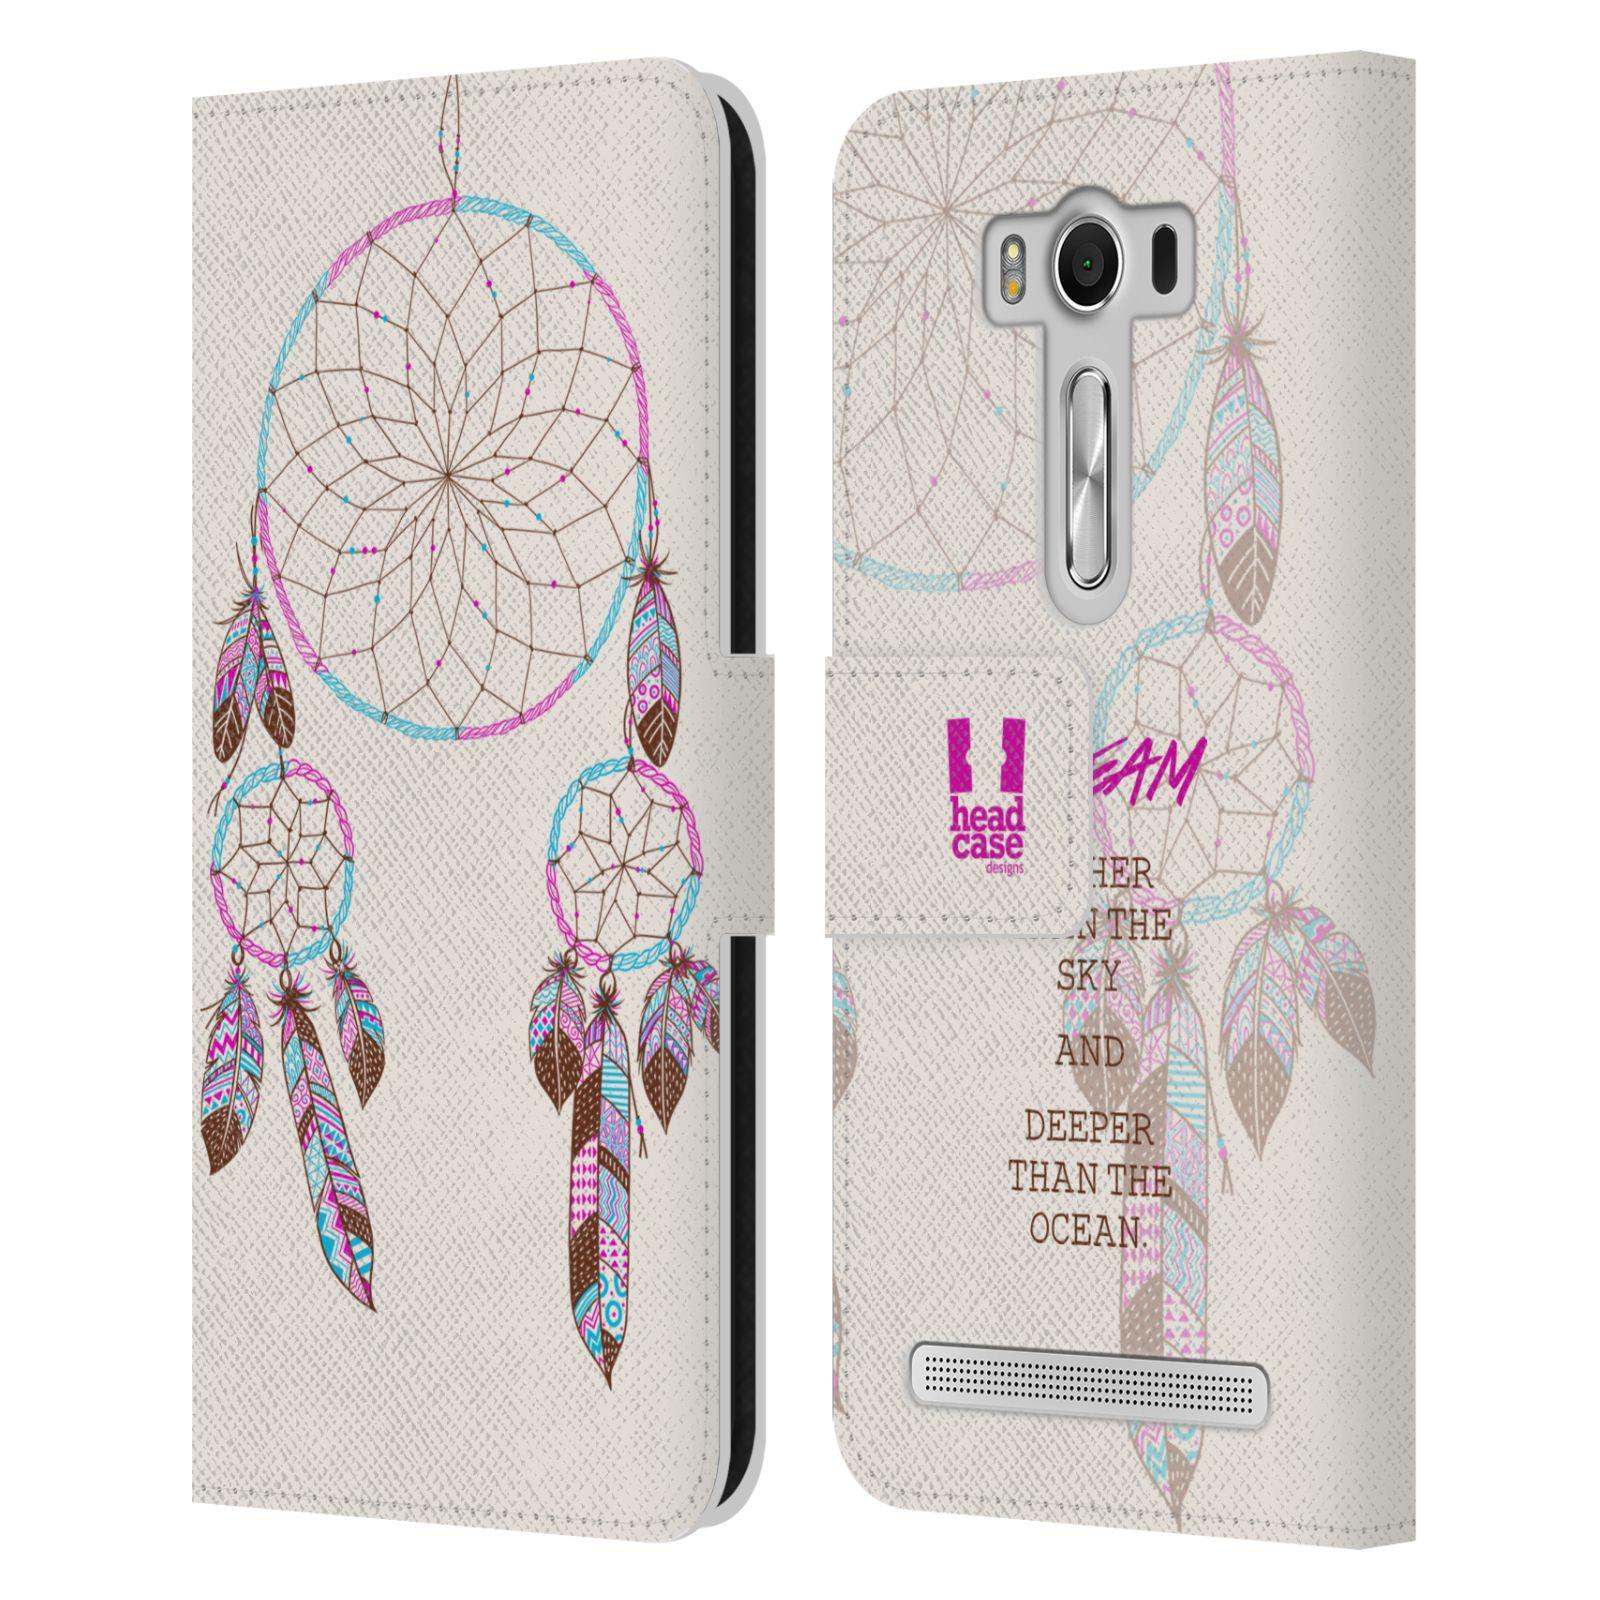 Pouzdro na mobil Asus Zenfone 2 Laser ZE500KL - Head Case - Lapač snů fialová dream